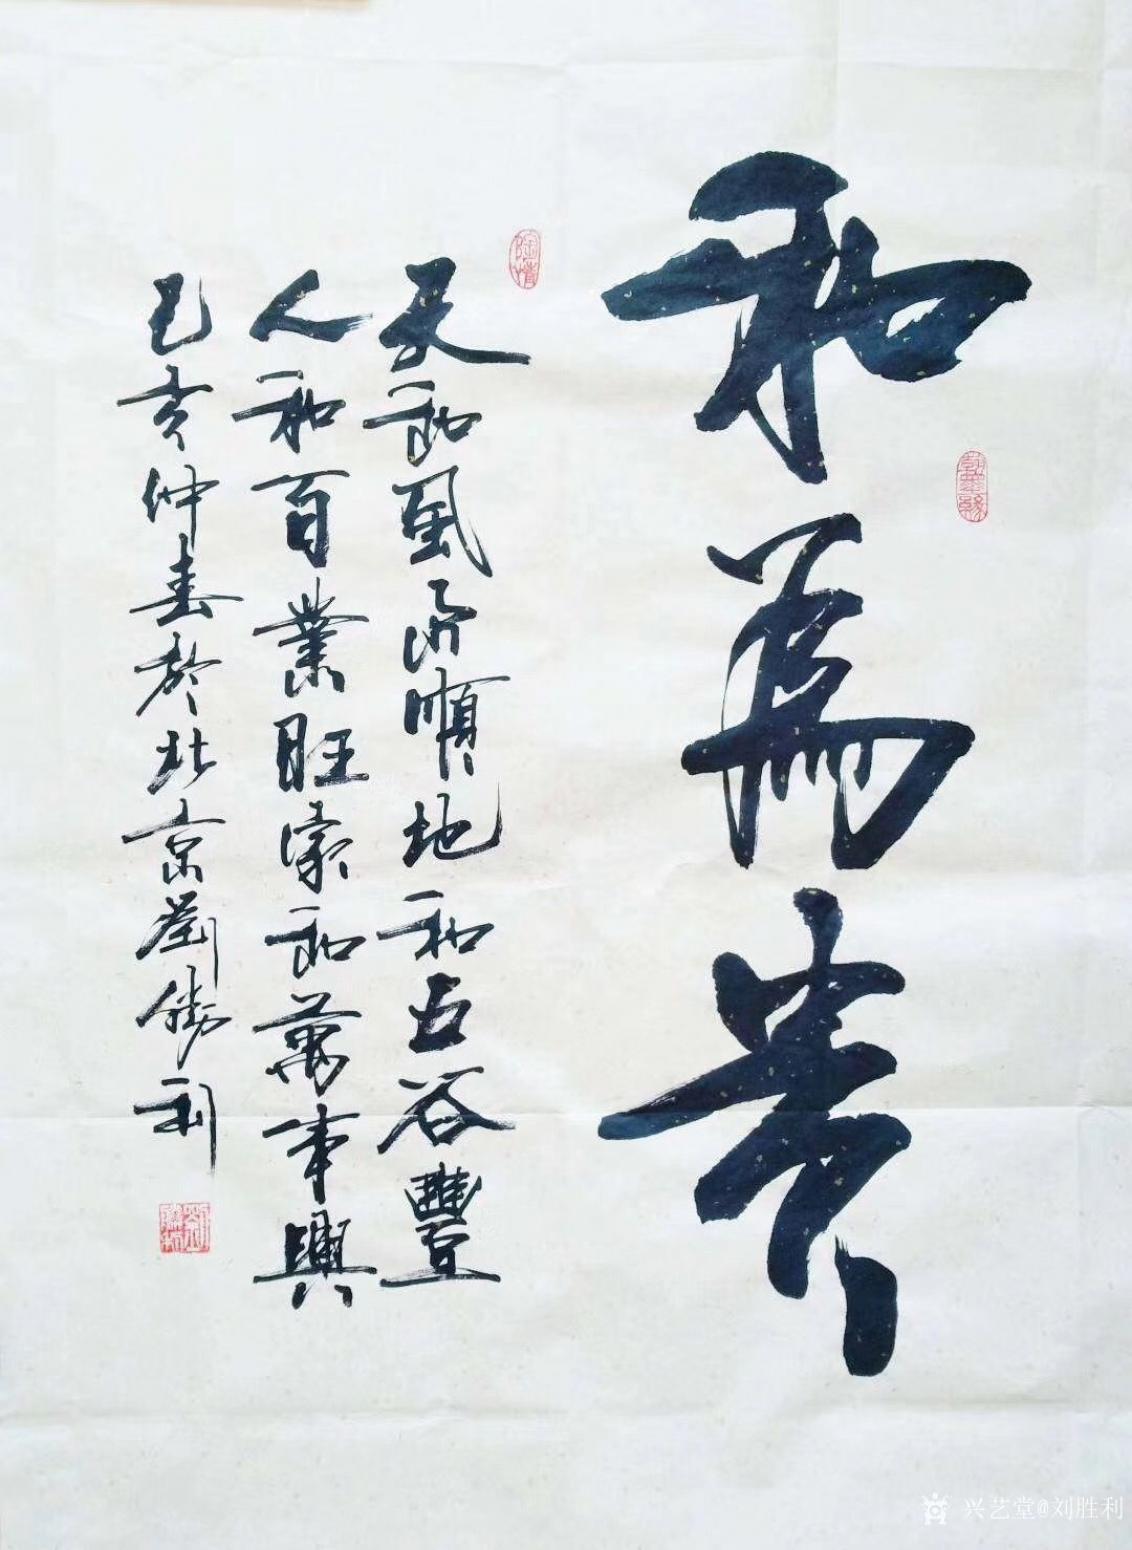 刘胜利书法作品《行书-和为贵》【图0】